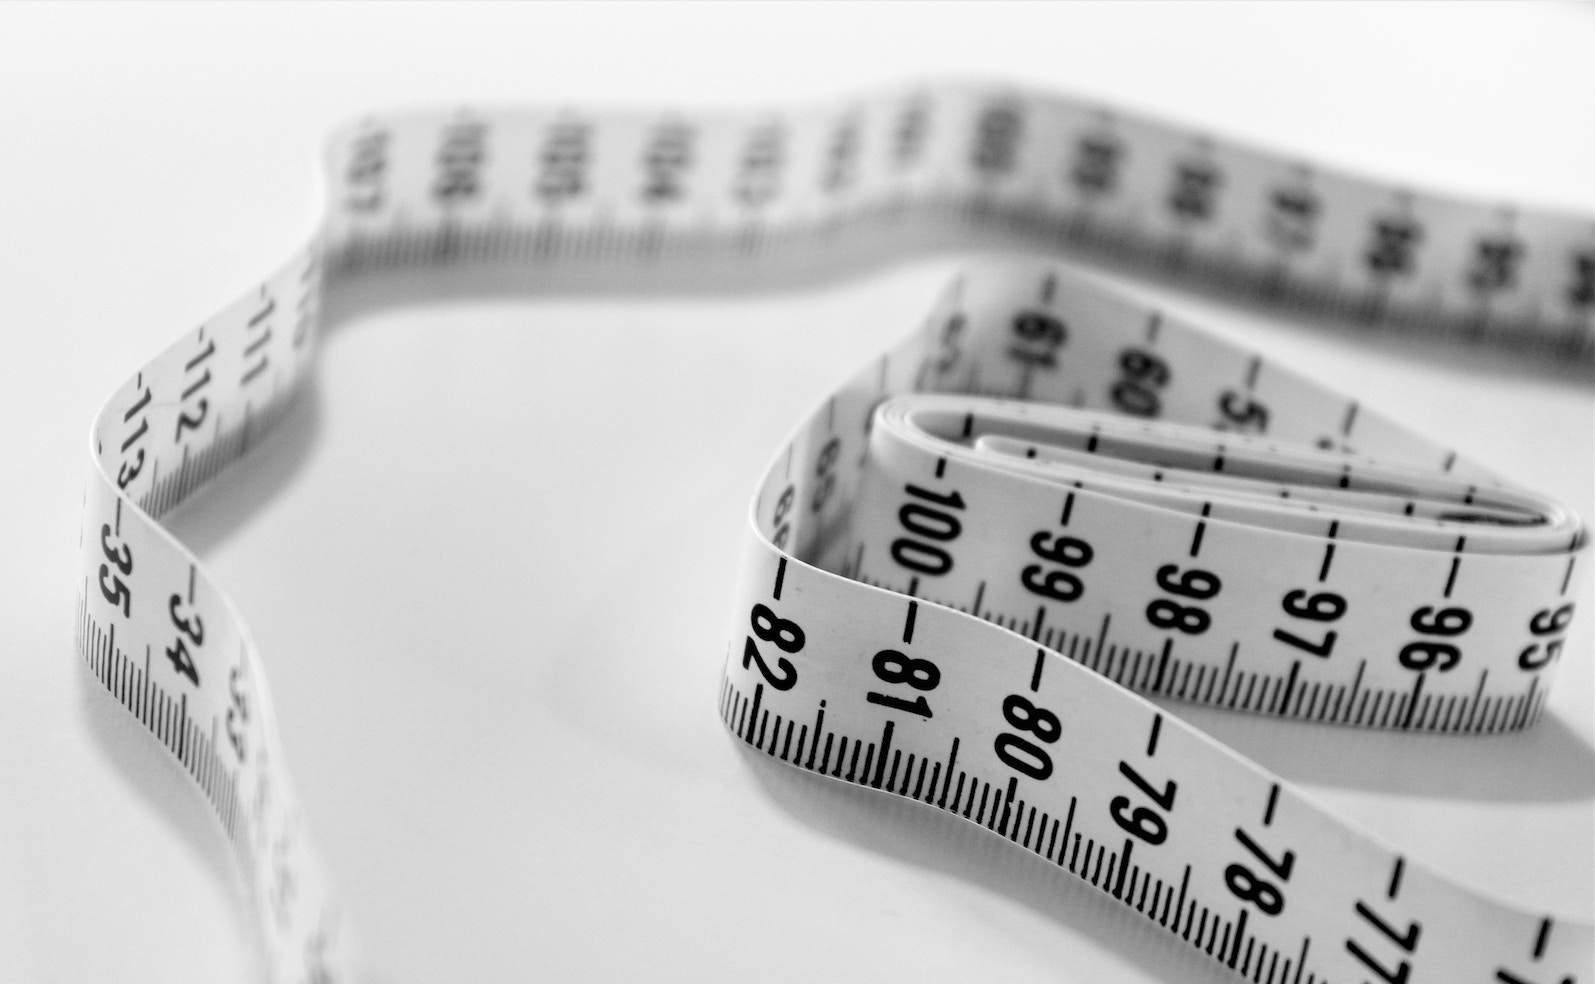 Küche richtig ausmessen: Checkliste für das Küchen Aufmaß